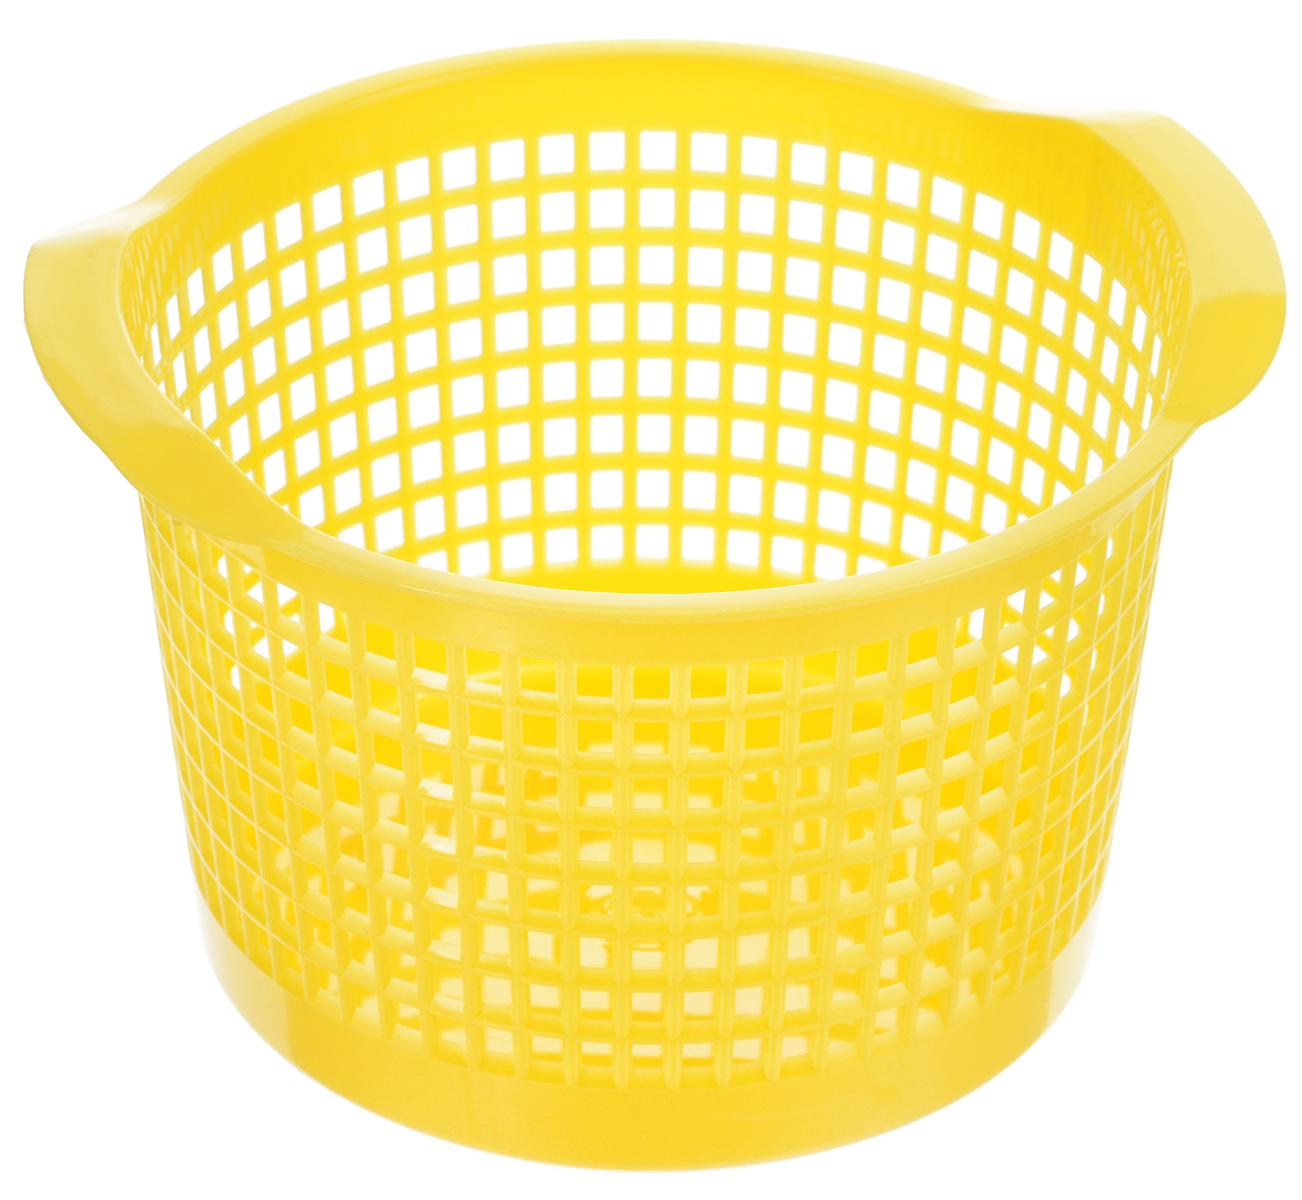 Корзинка универсальная Econova, цвет: желтый, 18,7 х 17 х 11,5 смС12242_желтыйУниверсальная корзинка Econova изготовлена из высококачественного пластика с перфорированными стенками и сплошным дном. Такая корзинка непременно пригодится в быту, в ней можно хранить кухонные принадлежности, аксессуары для ванной и другие бытовые предметы, диски и канцелярию. Корзинка Econova позволит вам хранить вещи компактно и с удобством.